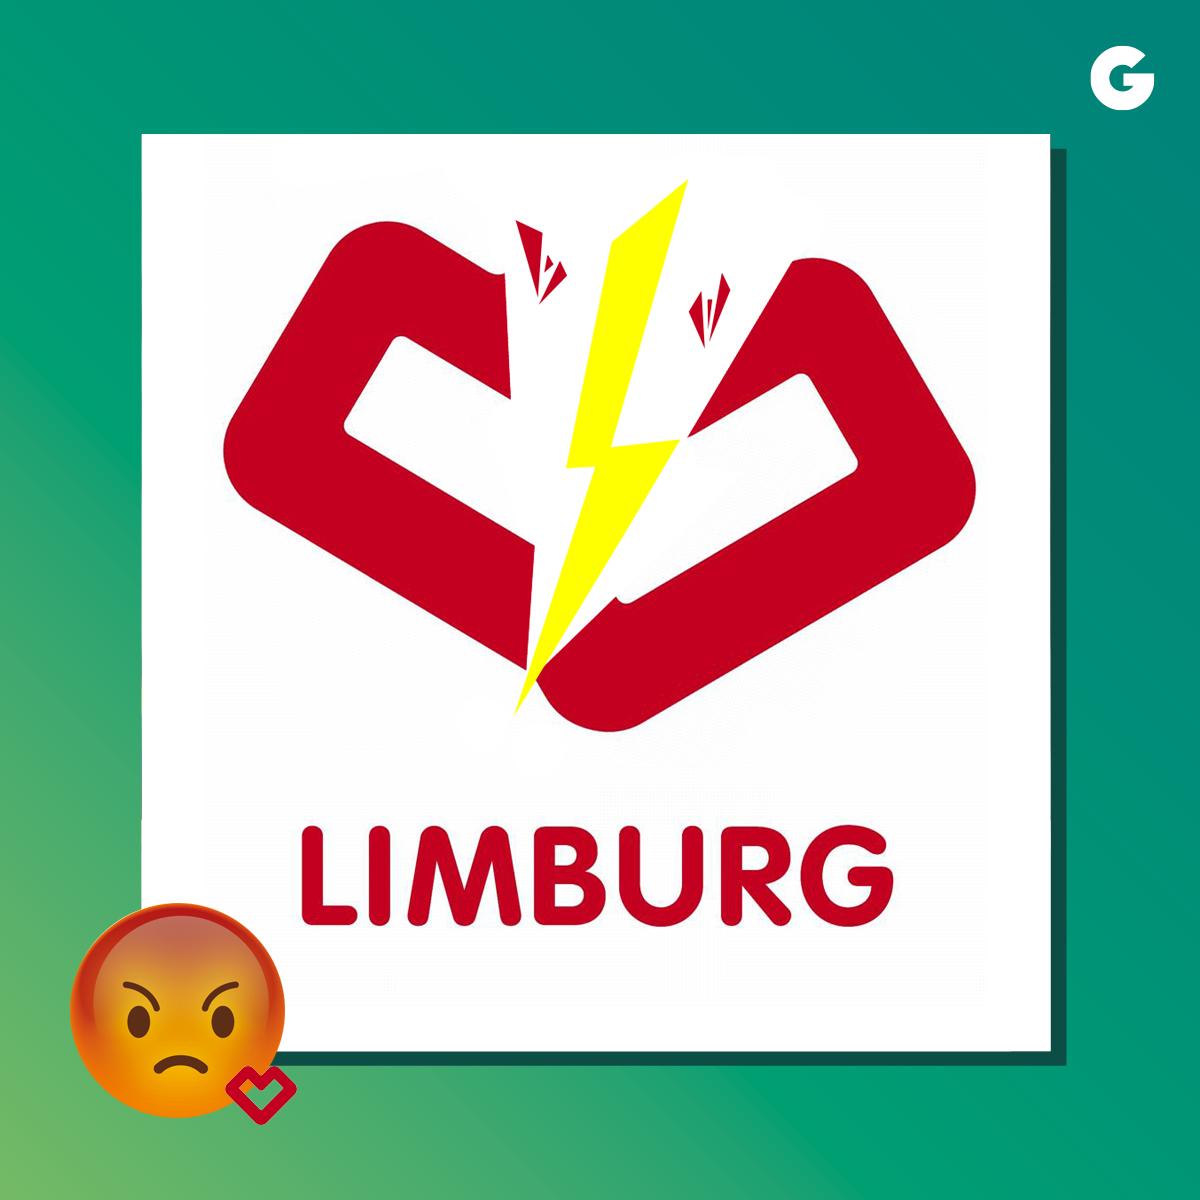 Groen_limburg_gebroken.jpg